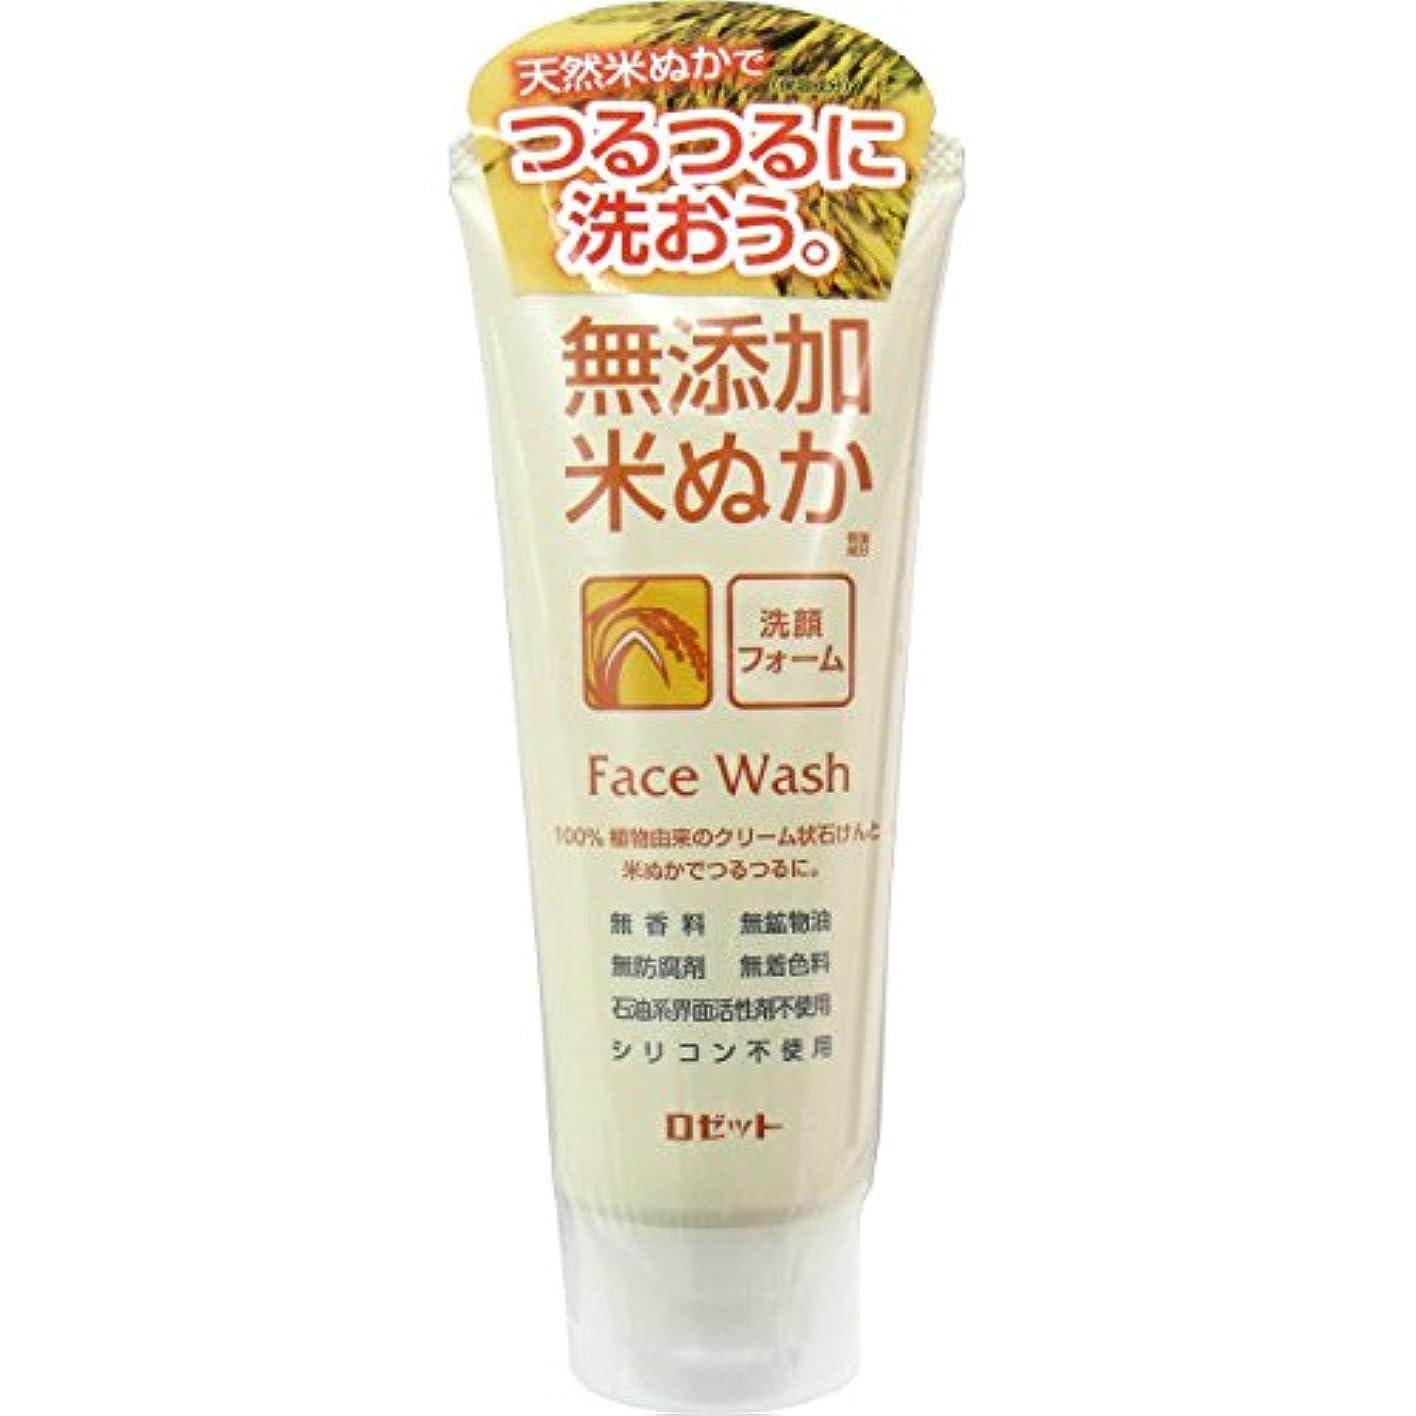 シネウィ創傷人里離れた【ロゼット】無添加米ぬか洗顔フォーム 140g ×10個セット